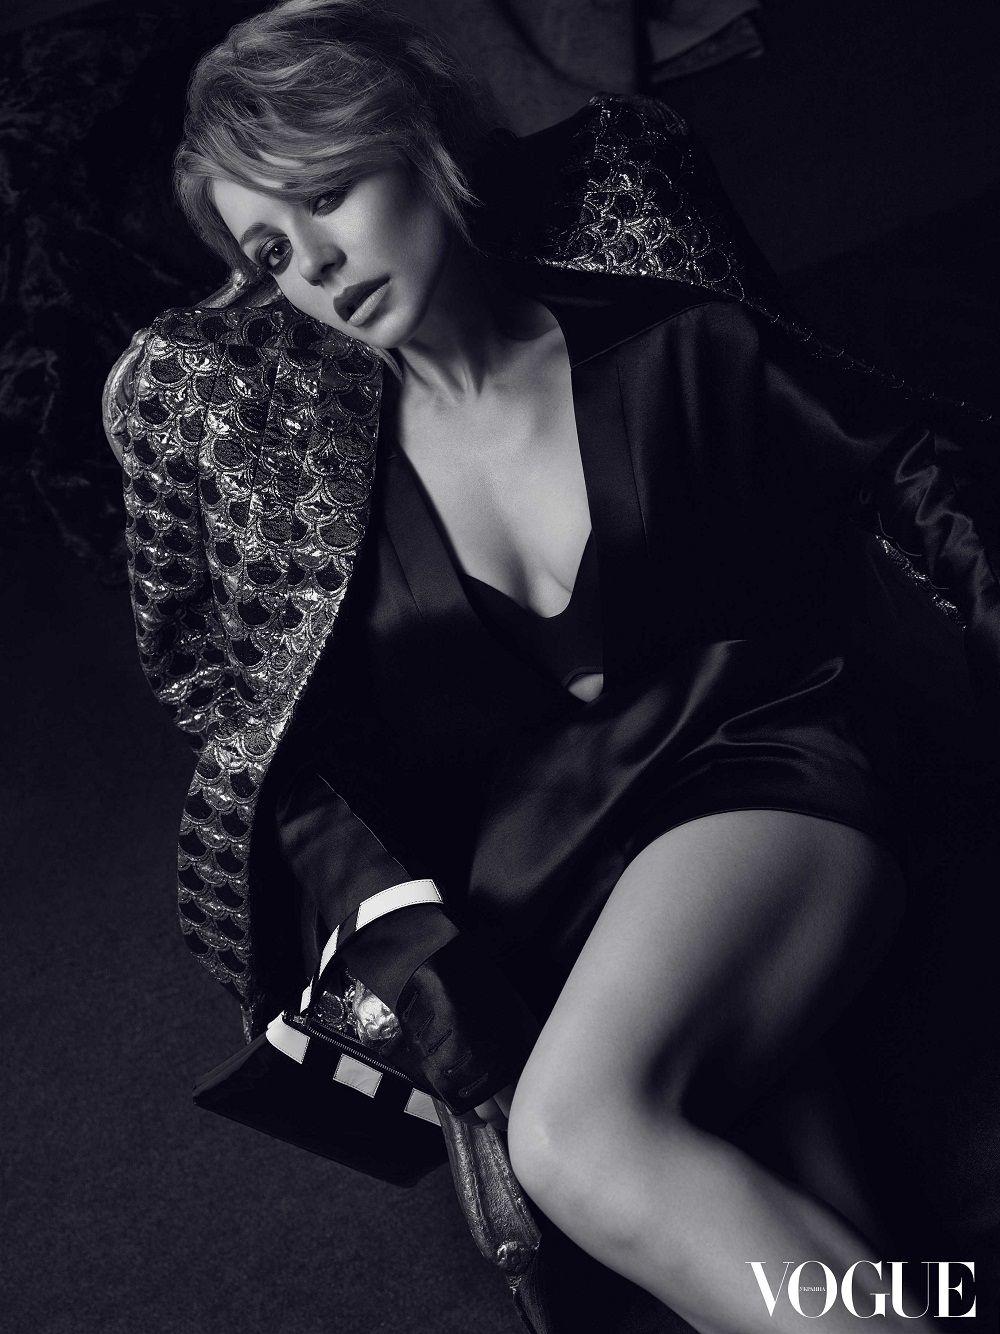 Тіна кароль для Vogue_4